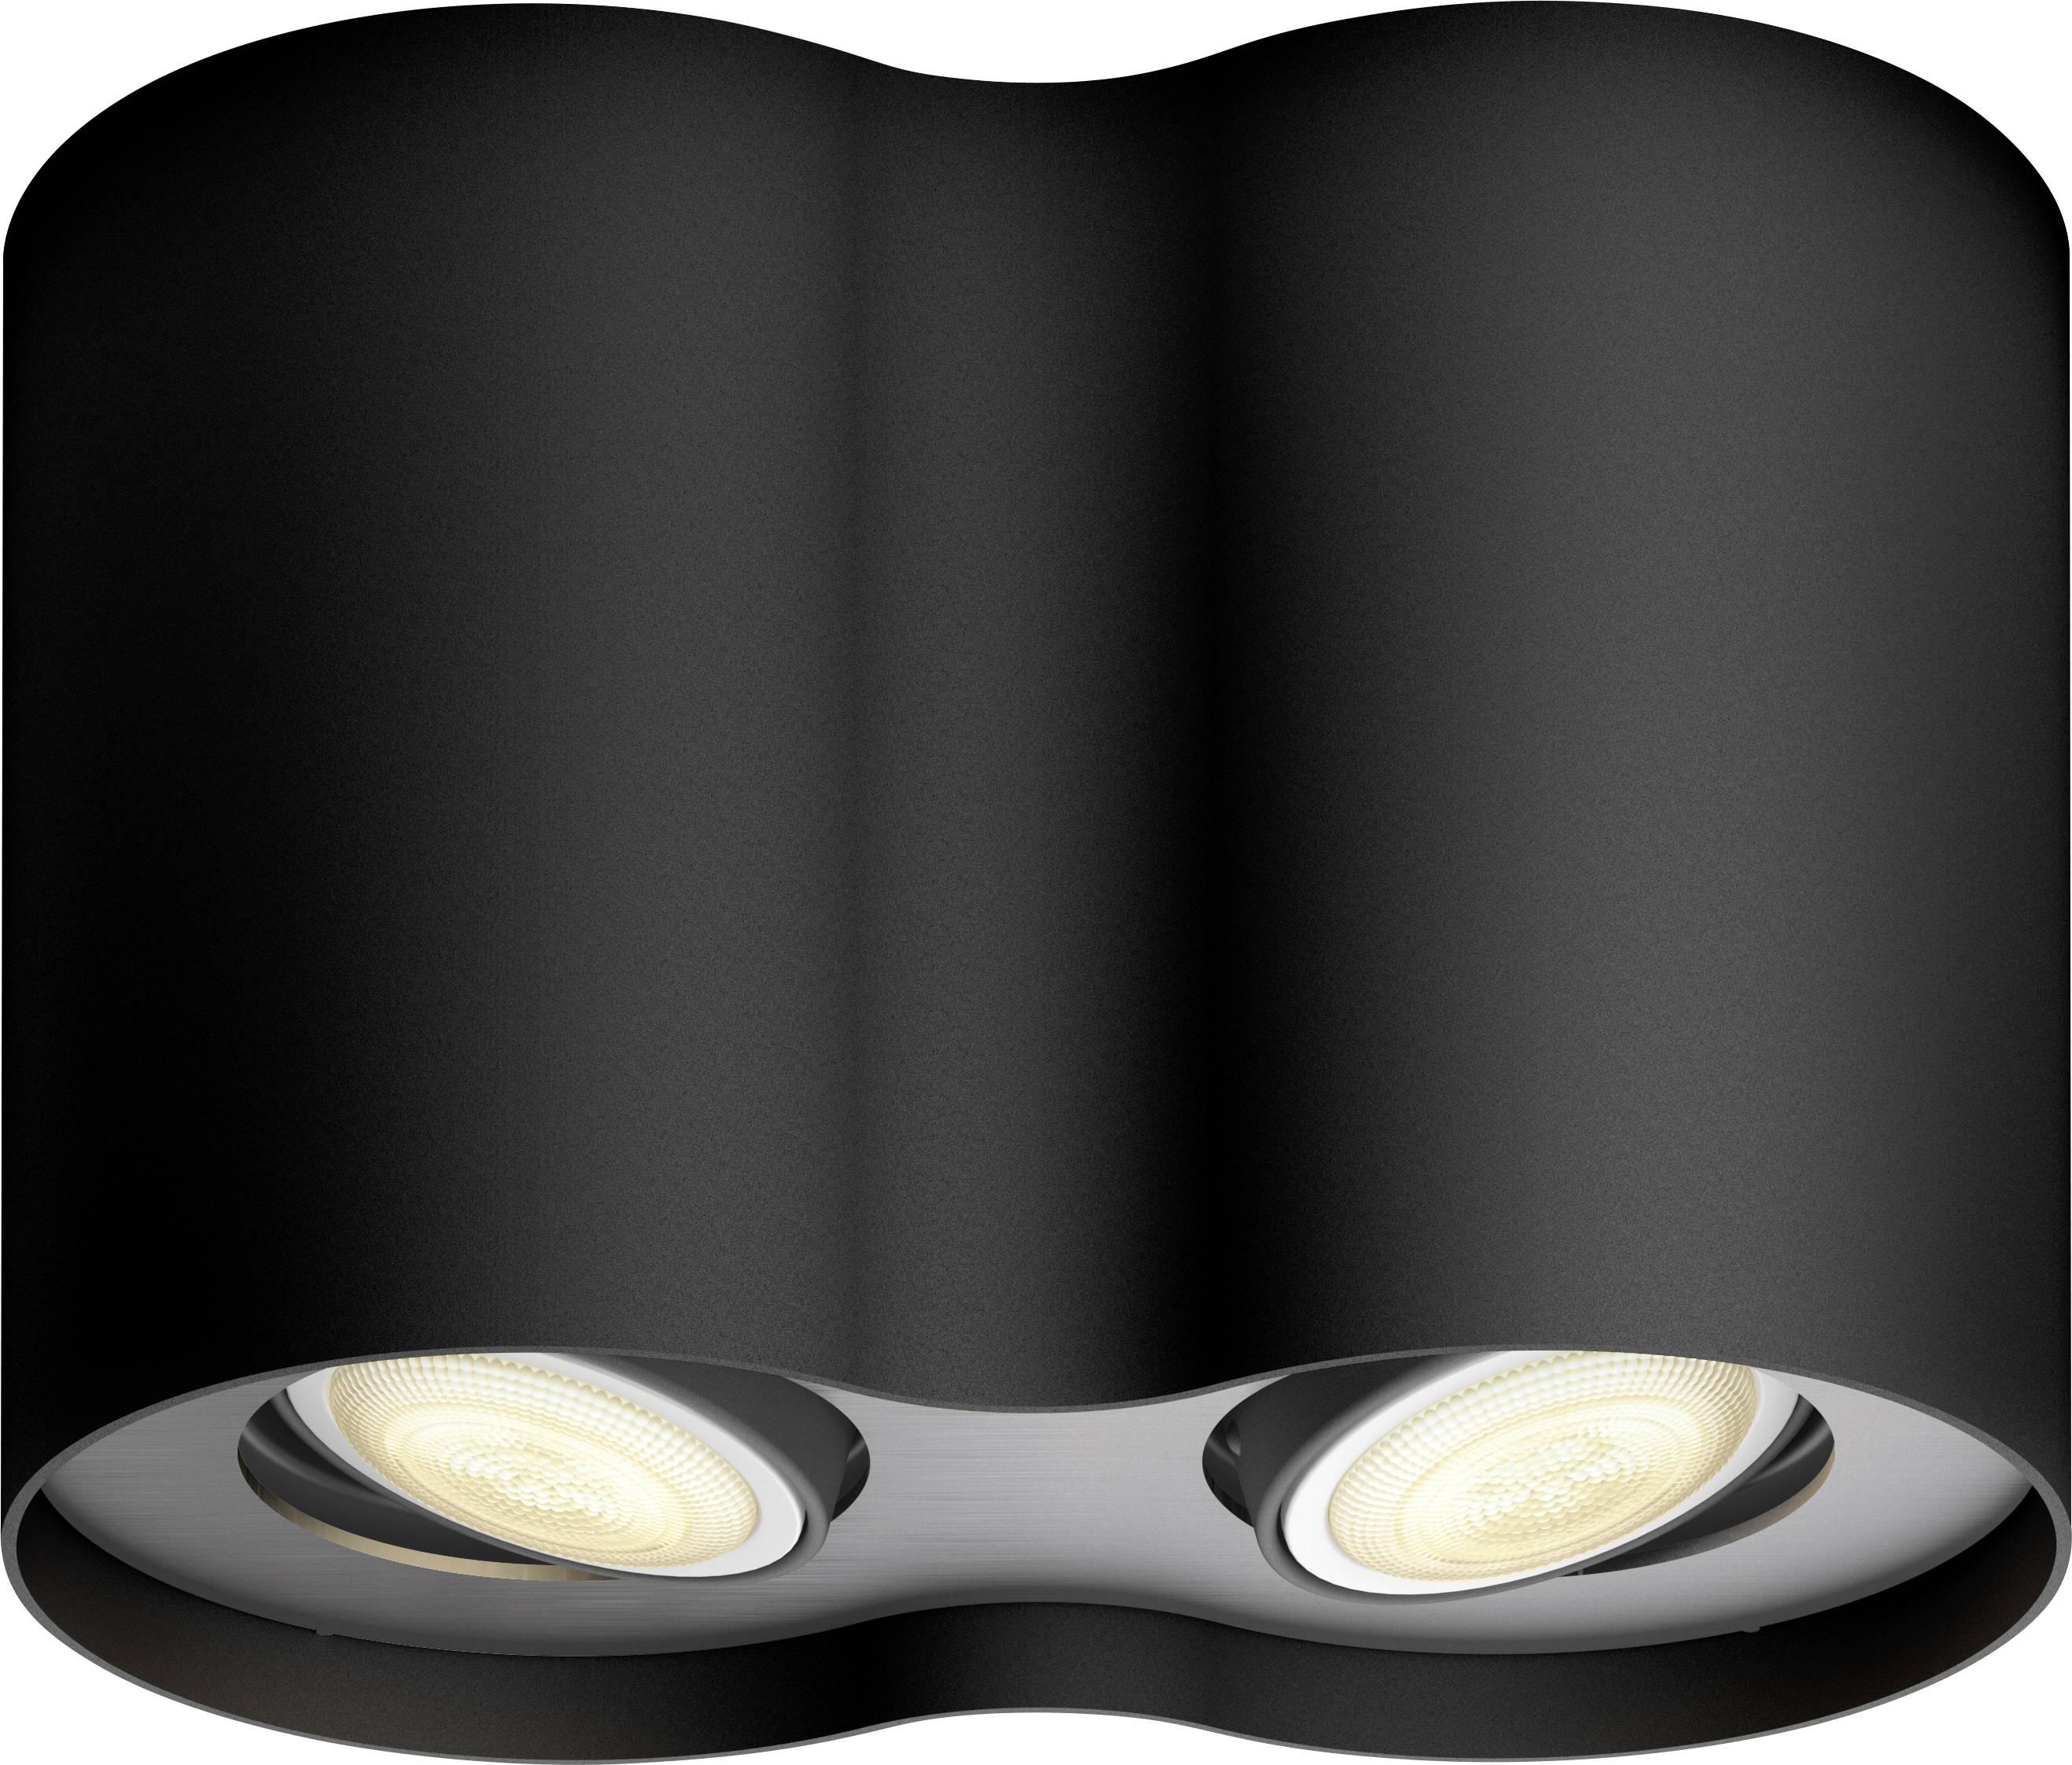 izdelek-philips-lighting-hue-led-stropna-in-stenska-svetilka-pillar-5